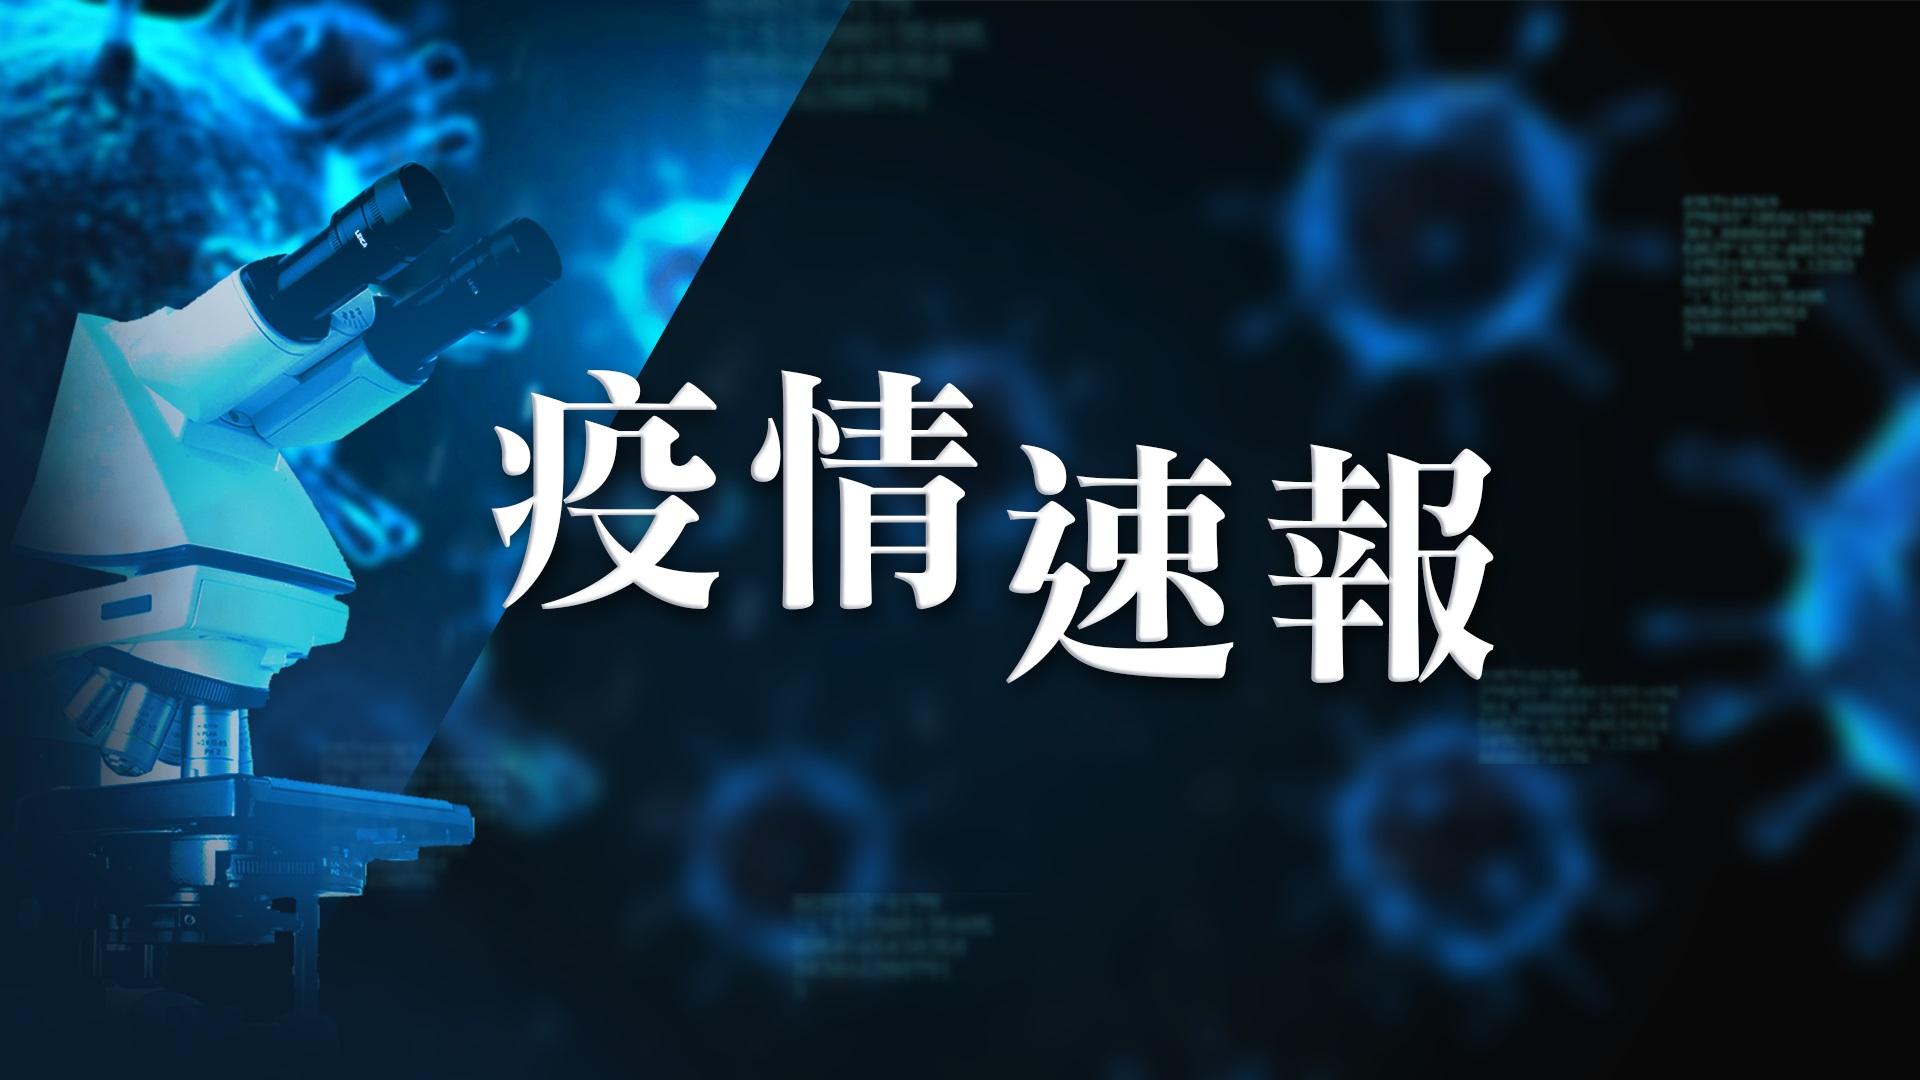 【7月13日疫情速報】(17:20)